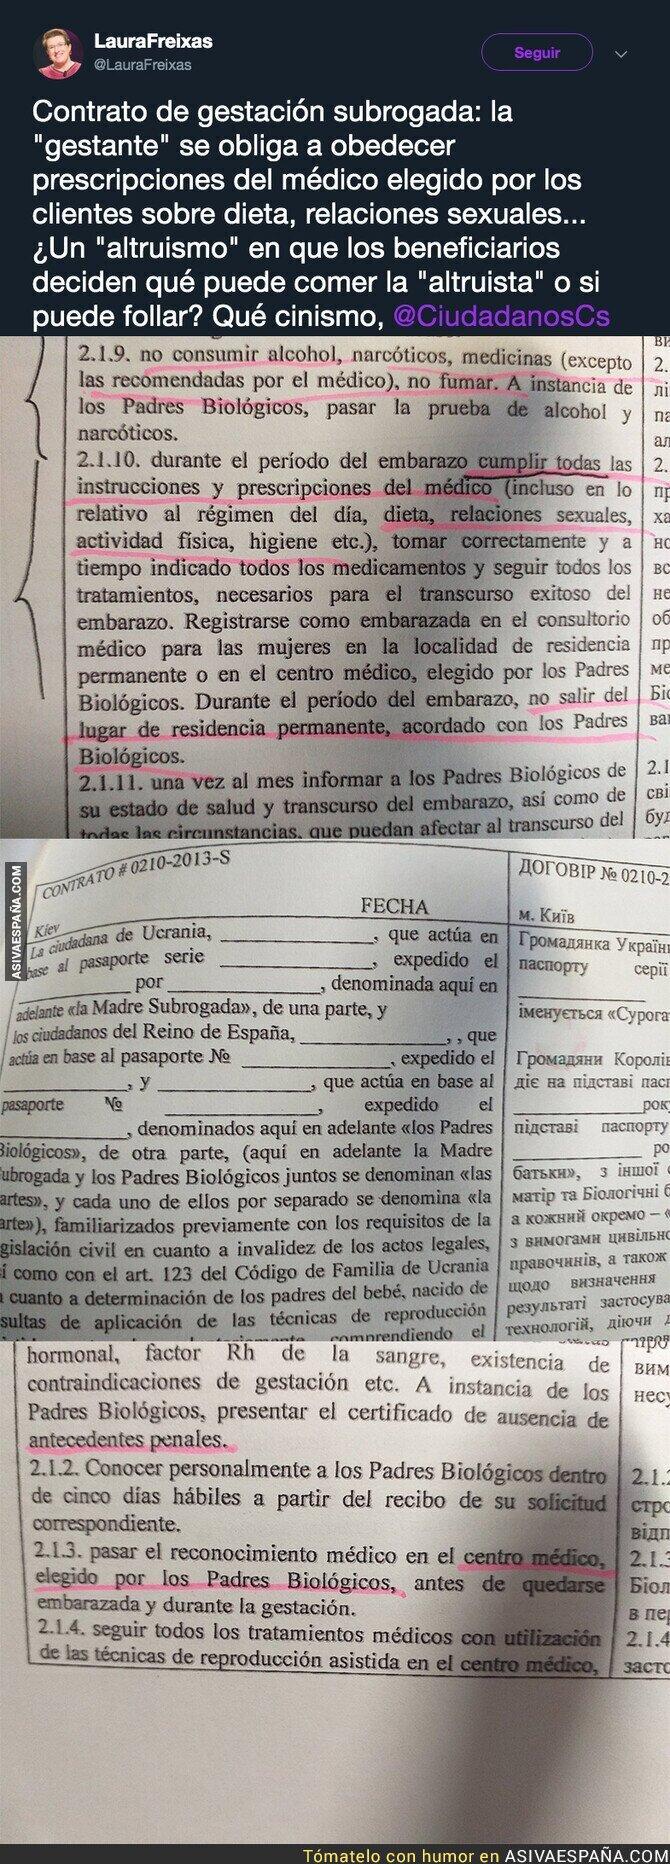 115566 - El polémico contrato de gestación subrogada